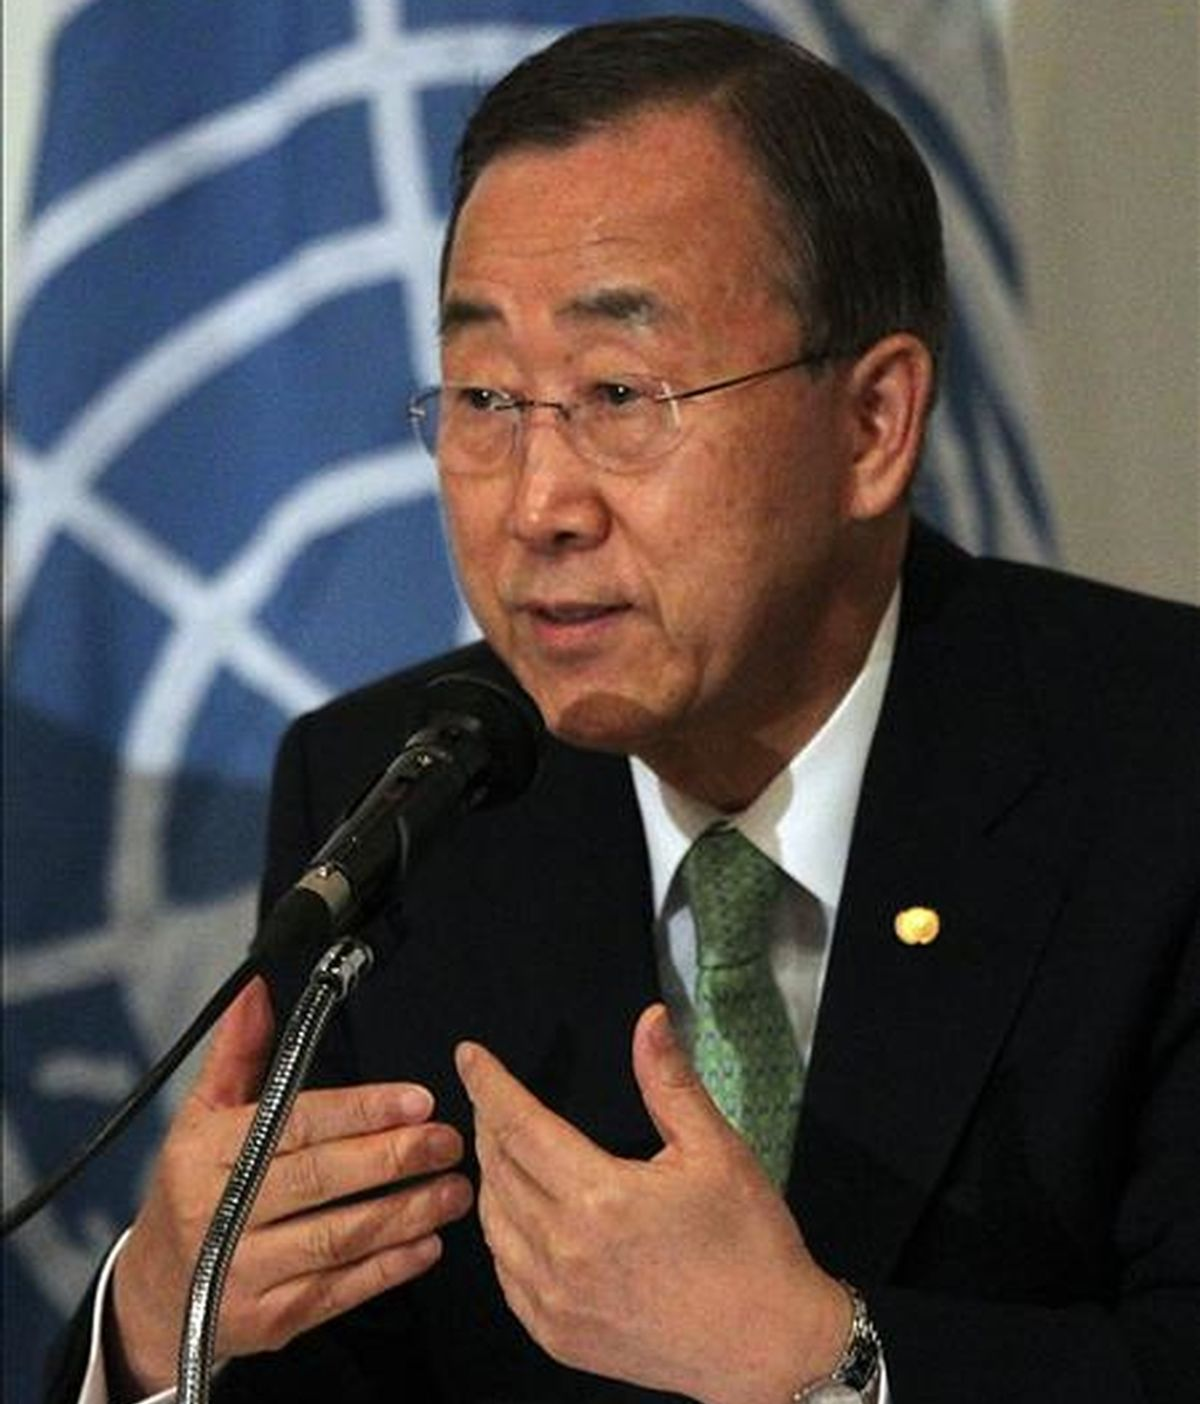 """El máximo responsable de Naciones Unidas, Ban Ki-moon, instó al Gobierno de Sri Lanka """"a cumplir con sus responsabilidades con la ONU como país anfitrión"""". EFE/Archivo"""